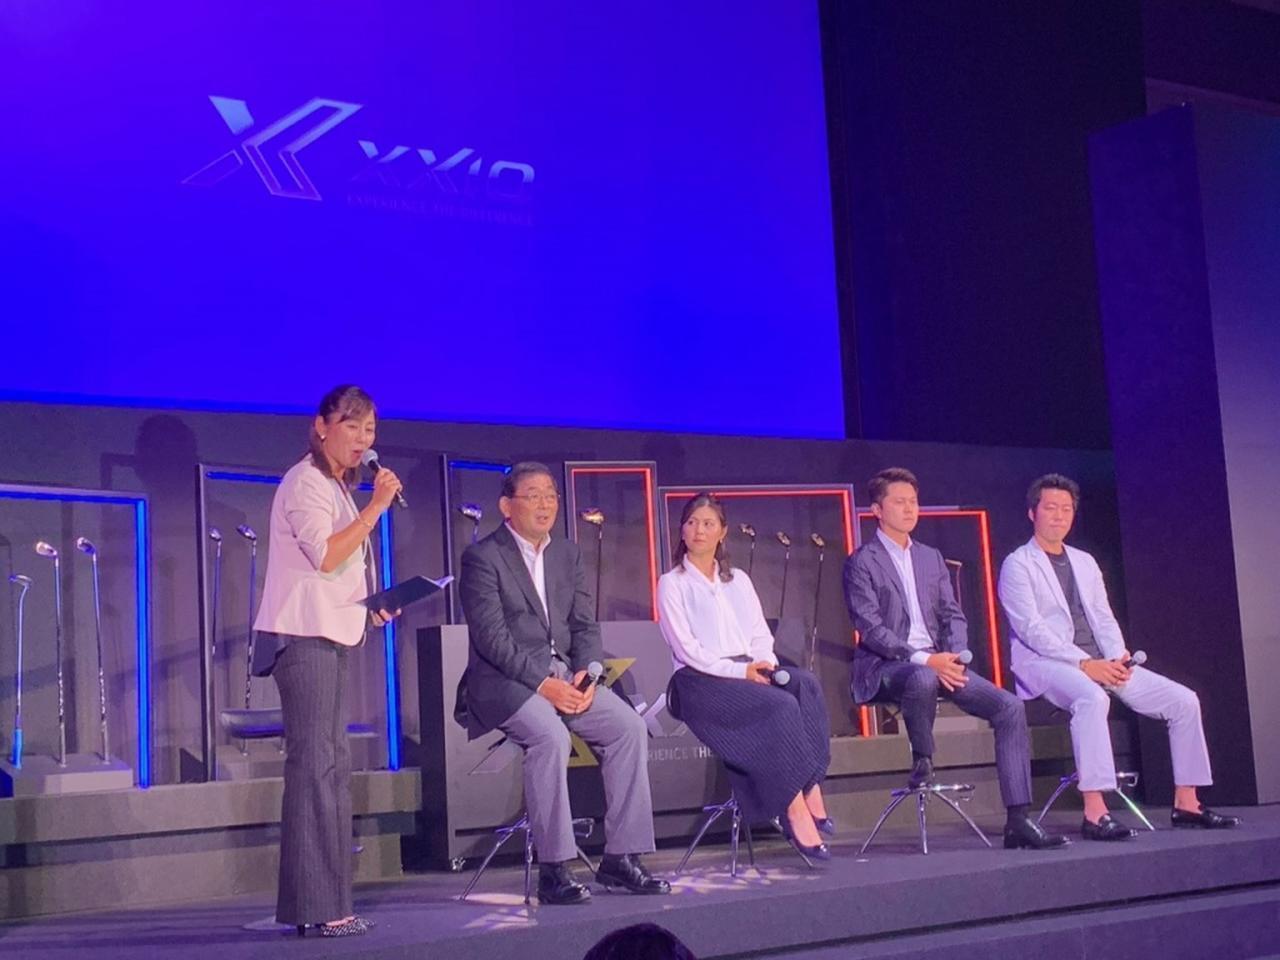 画像: (左から2番目から順に)中嶋常幸、新垣比菜、大堀裕次郎、元メジャーリーガーの上原浩治らが登壇。発表を盛り上げた